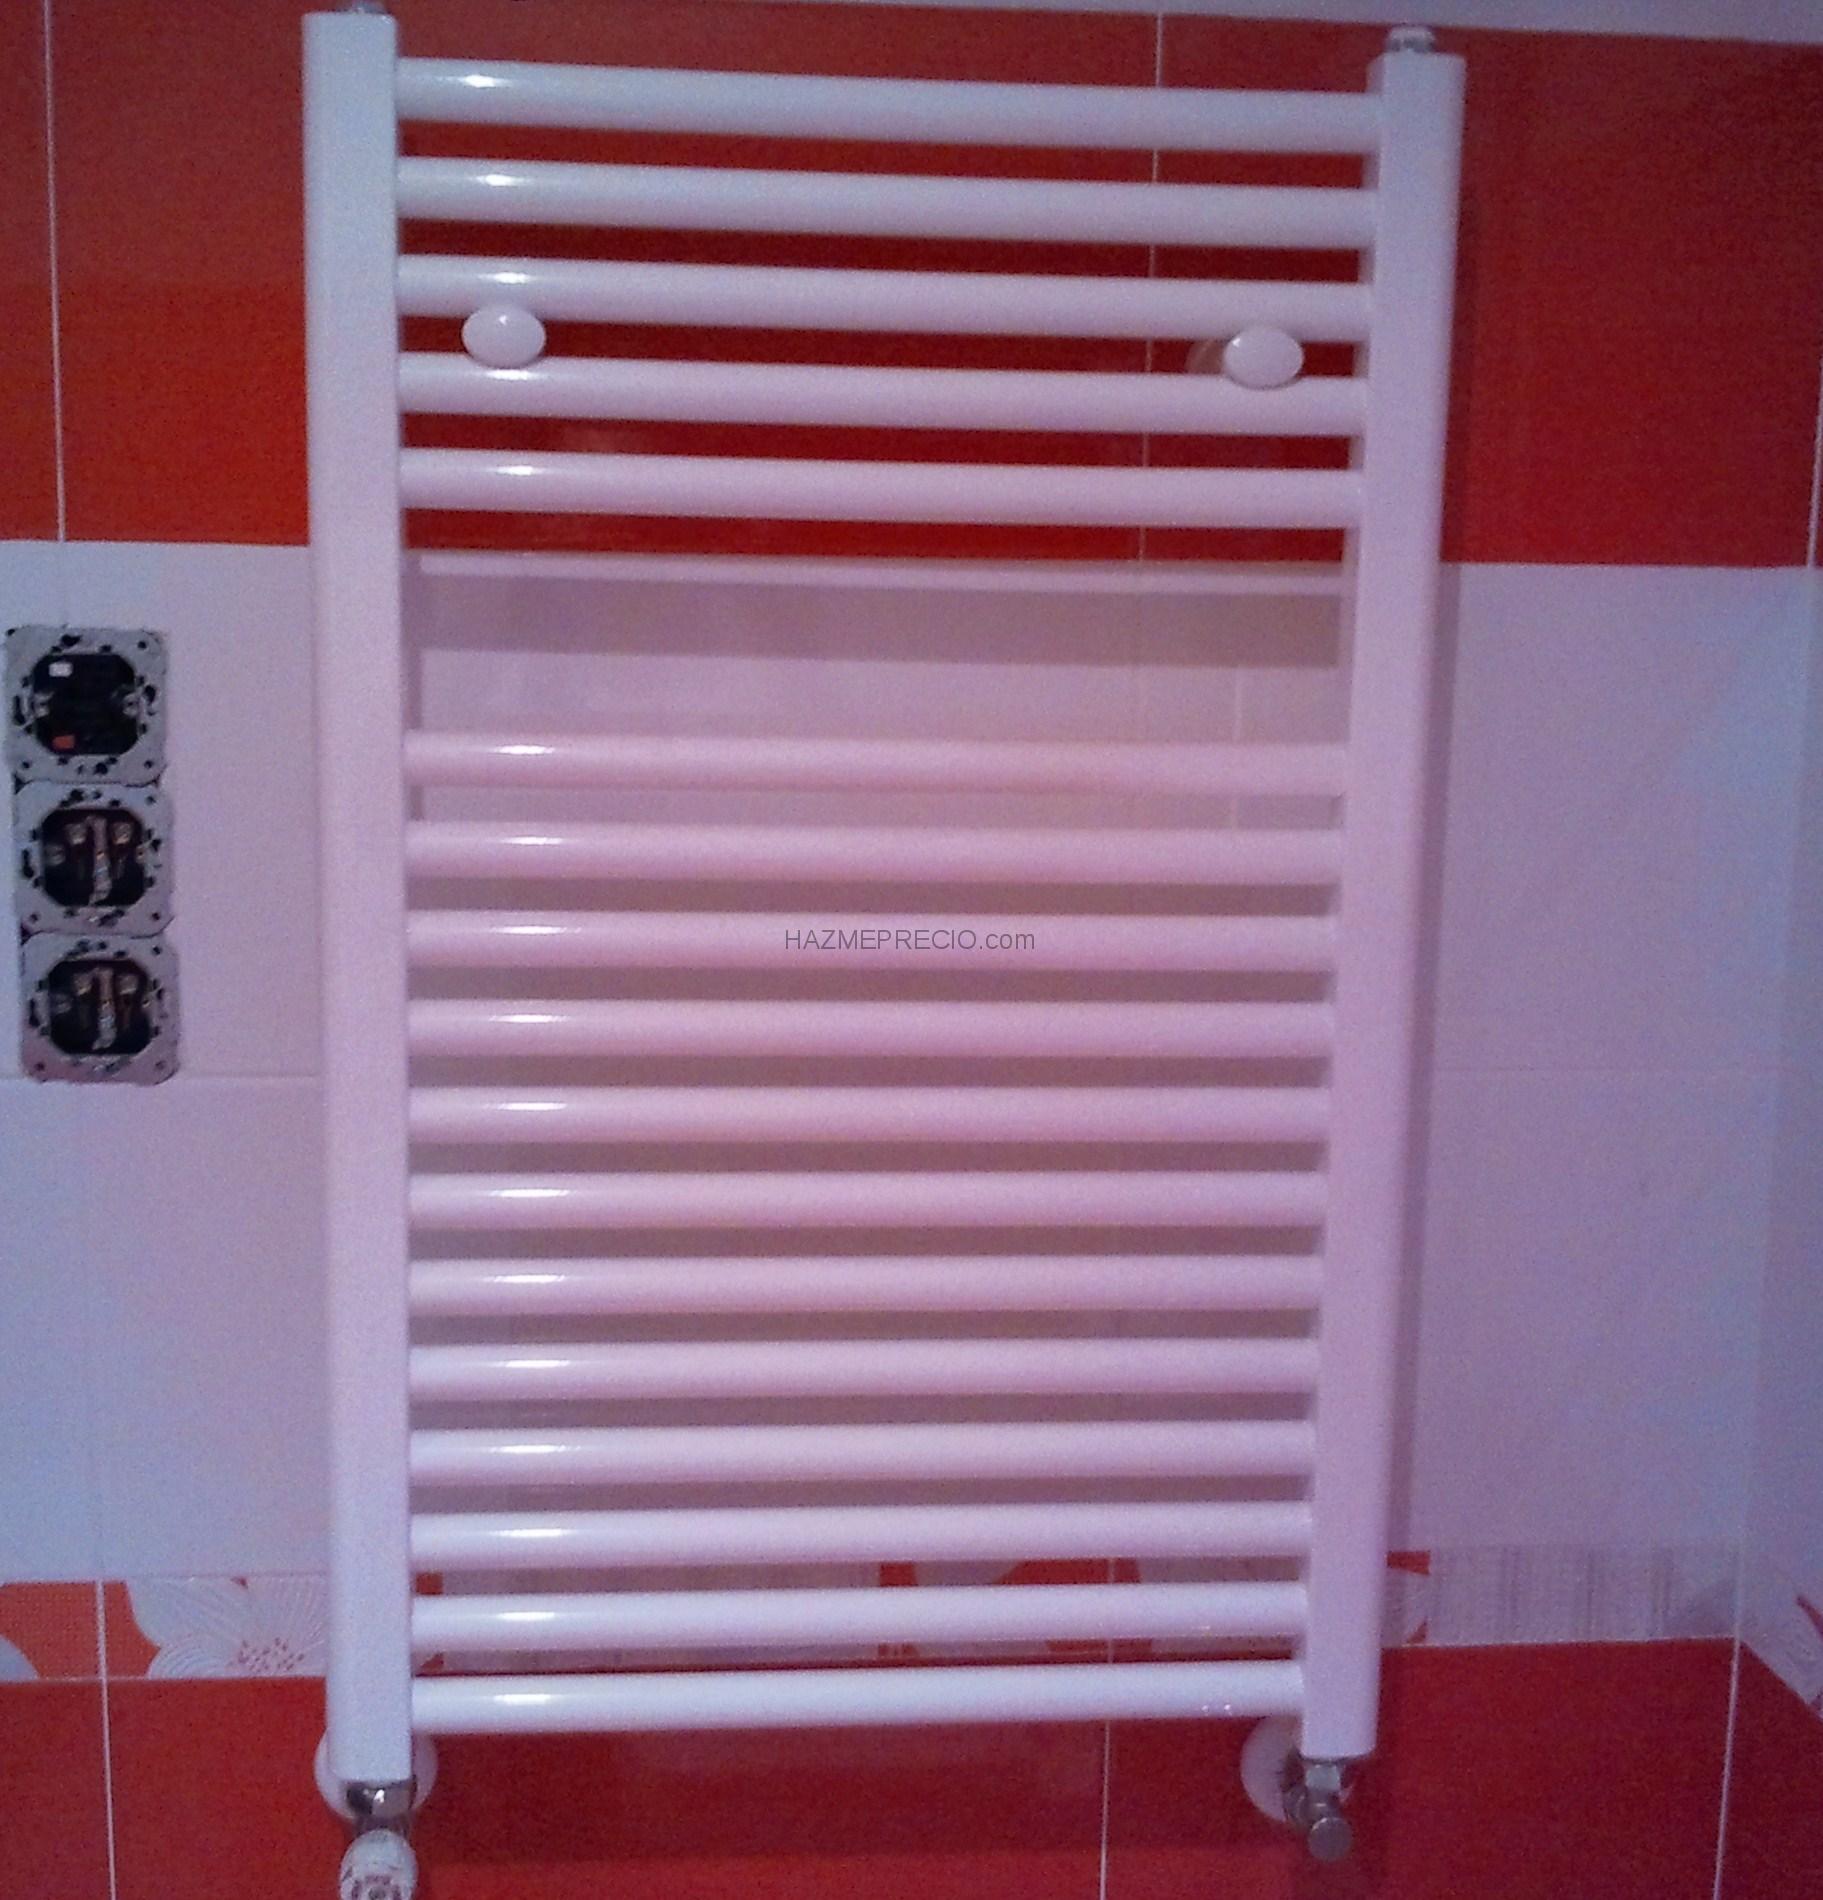 Presupuesto para arreglar dos radiadores pierden agua por for Radiadores toalleros agua